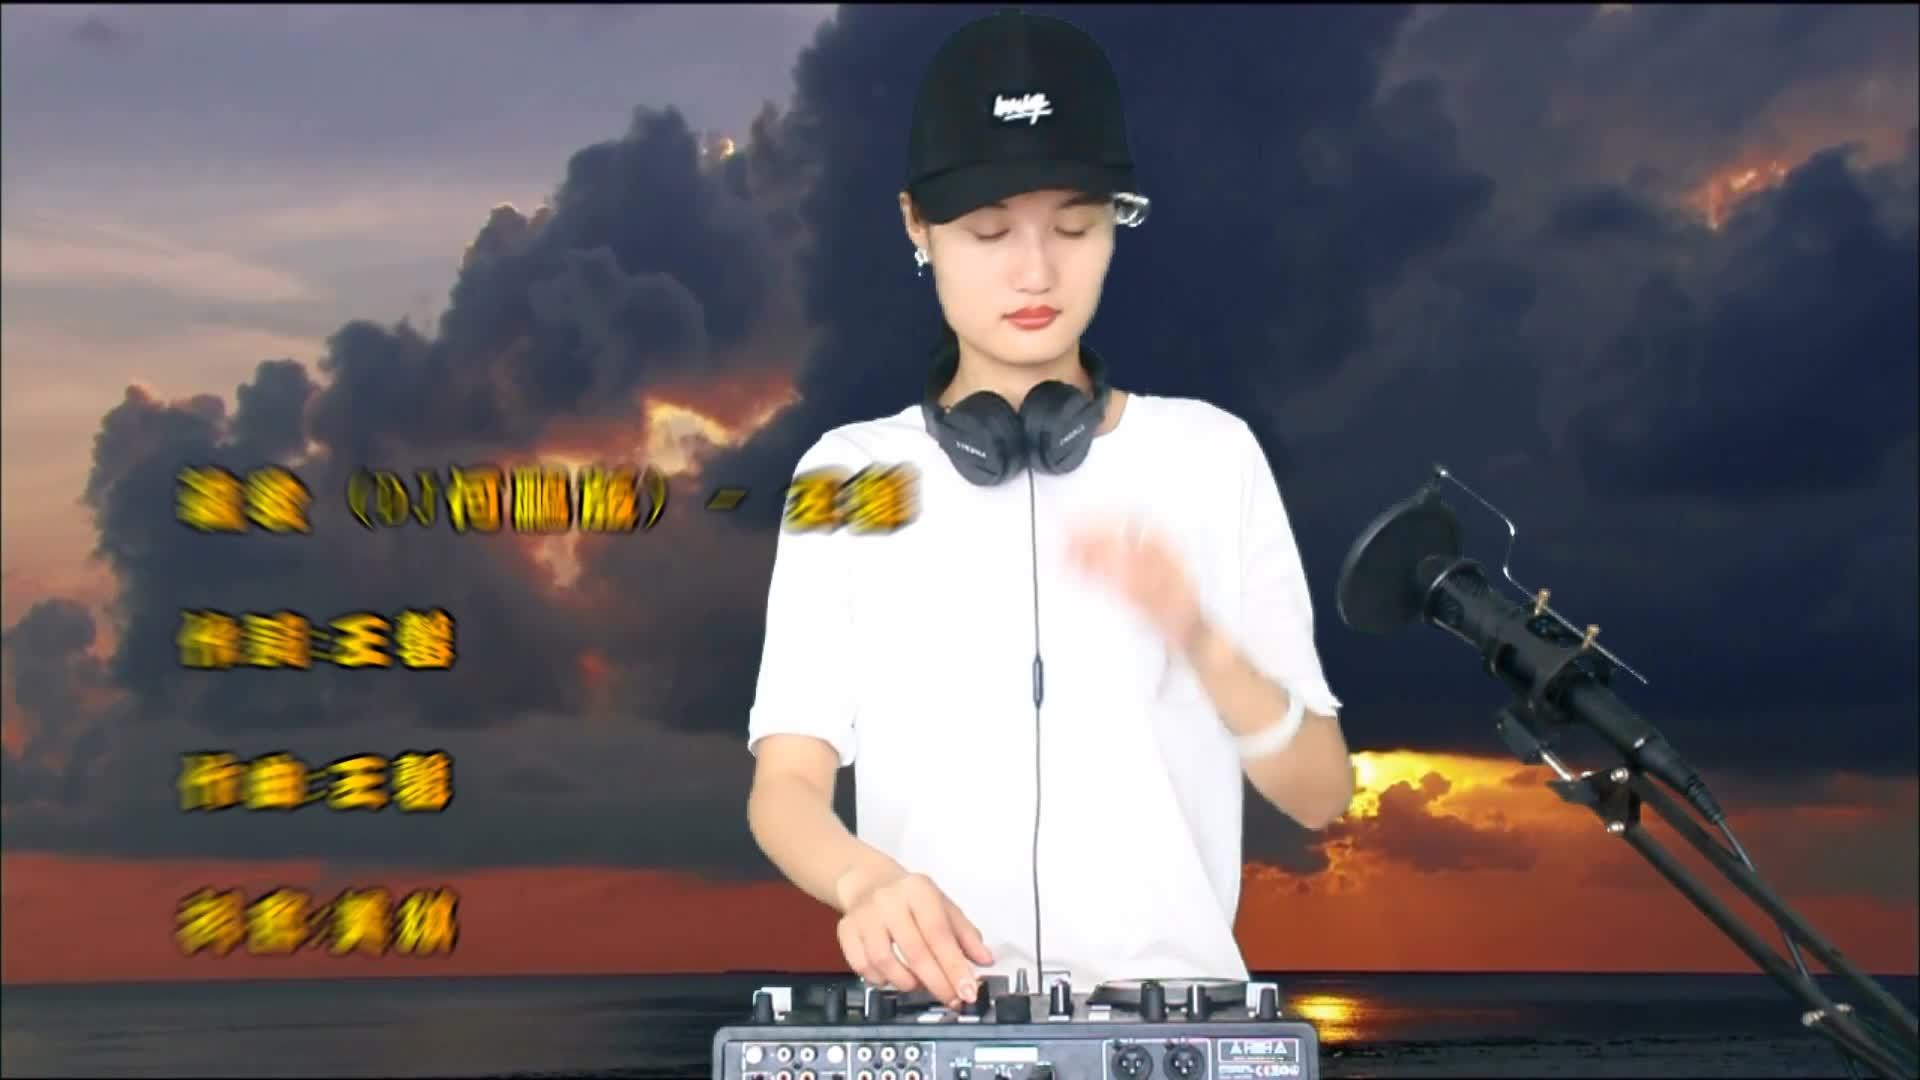 90后最喜欢的DJ舞曲《藏爱》好听至极!